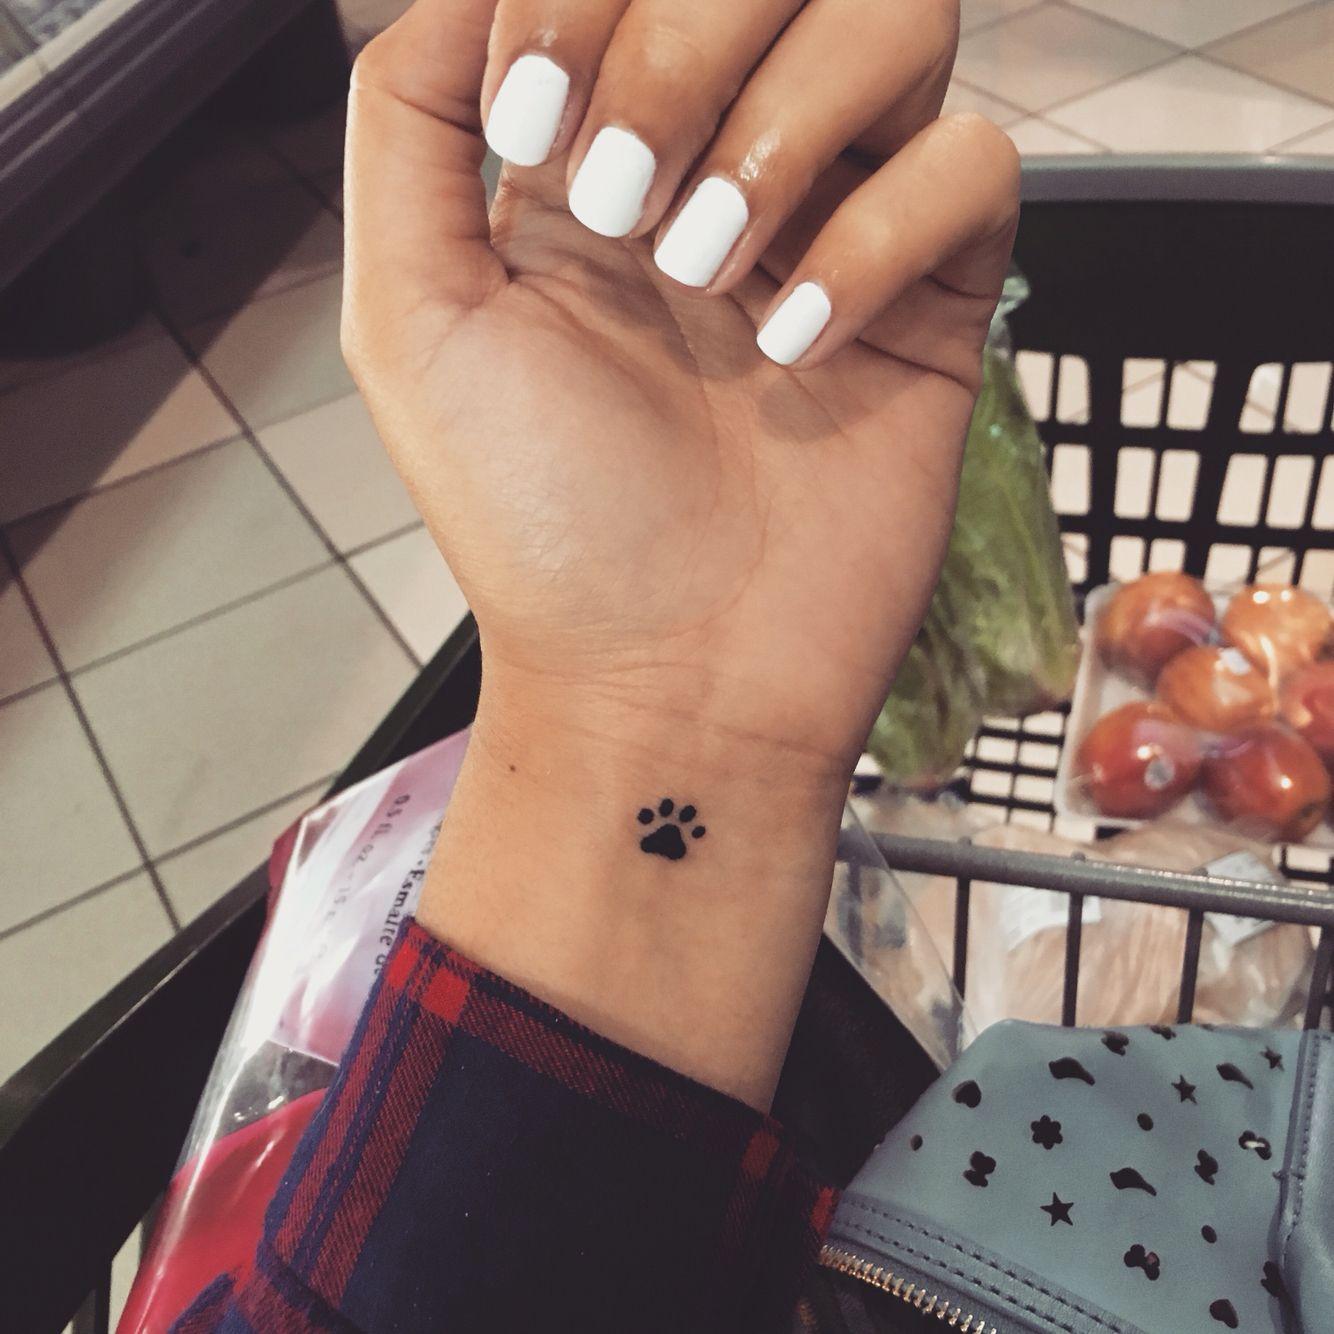 Paw Tattoo More Tattoos For Casper X Tatuajes Pequenos Tatuajes Mini Tatuajes